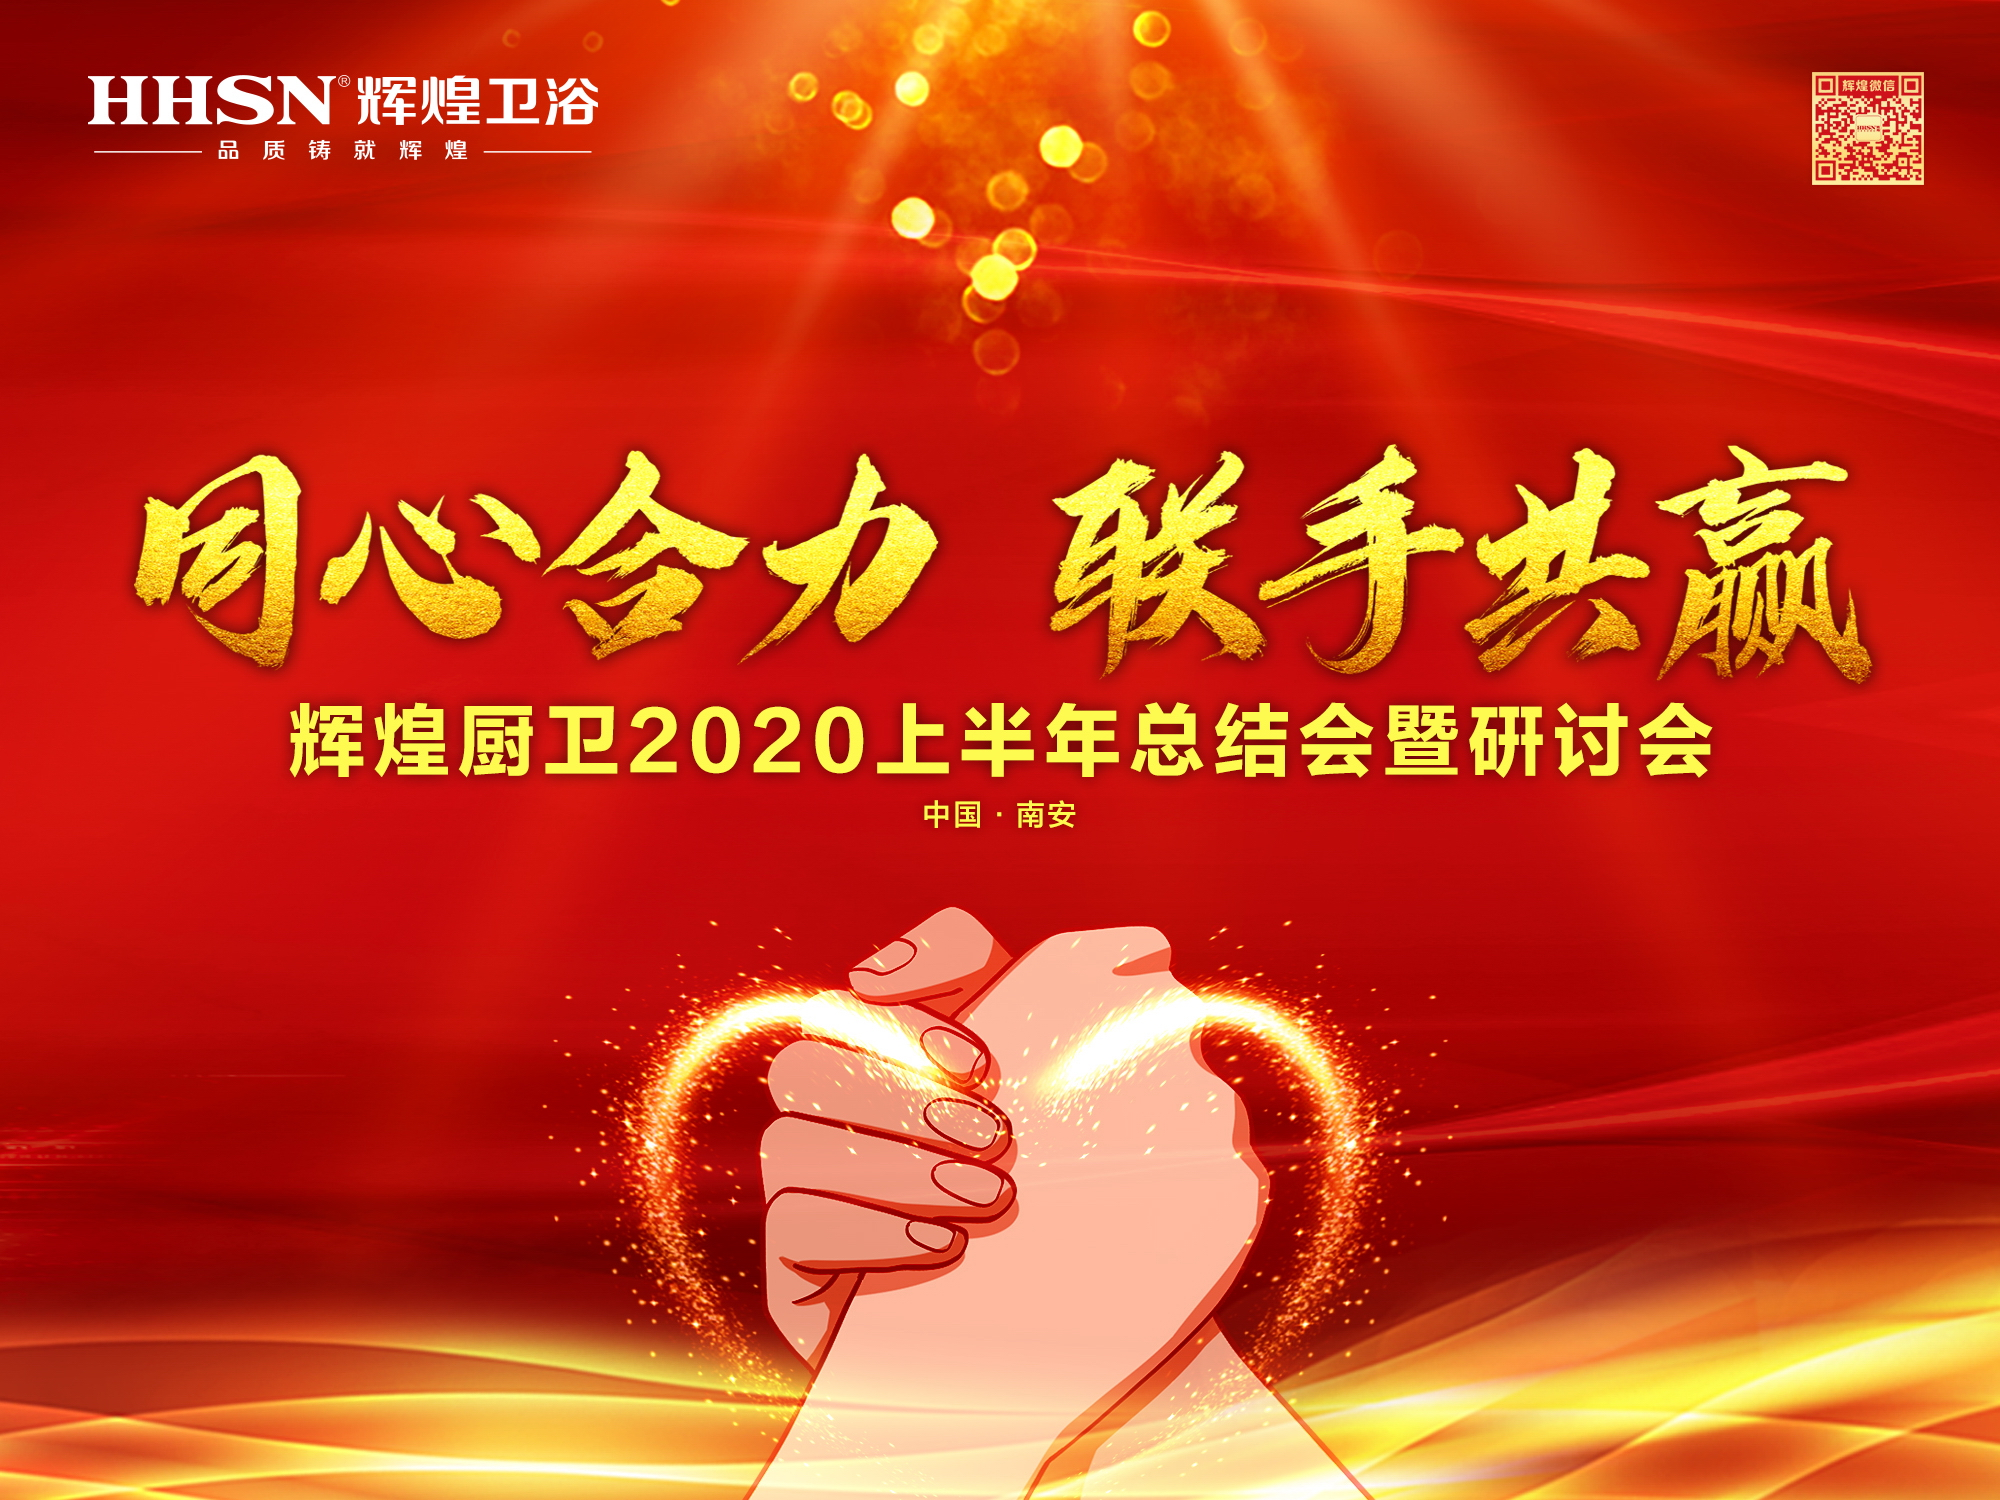 同心合力  联手共赢 大奖网手机版厨卫公司2020上半年总结会暨研讨会成功召开